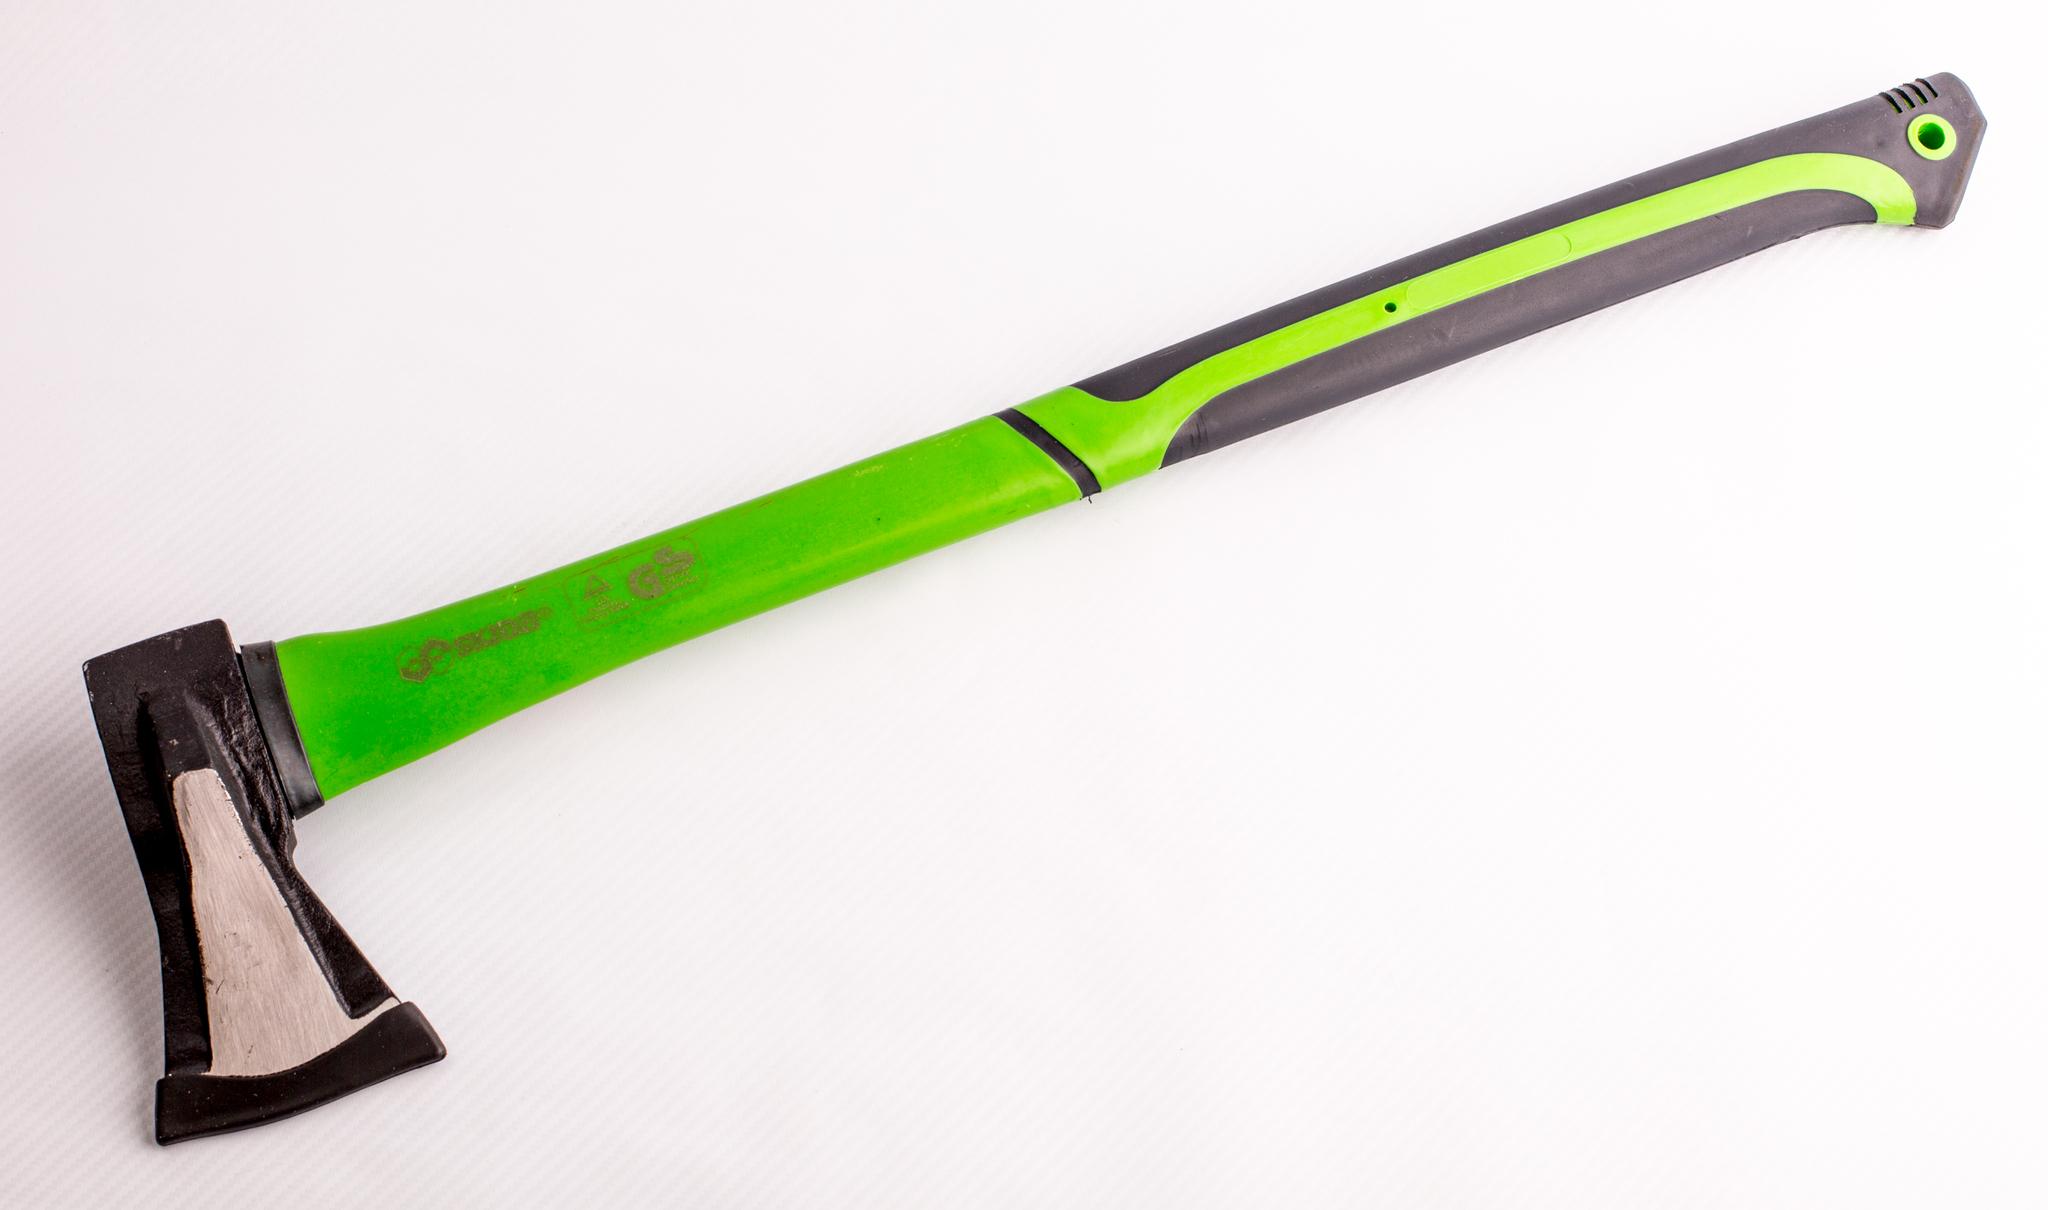 Фото 3 - Топор-колун с удлиненной фиберглассовой ручкой, 1000гр. от Noname